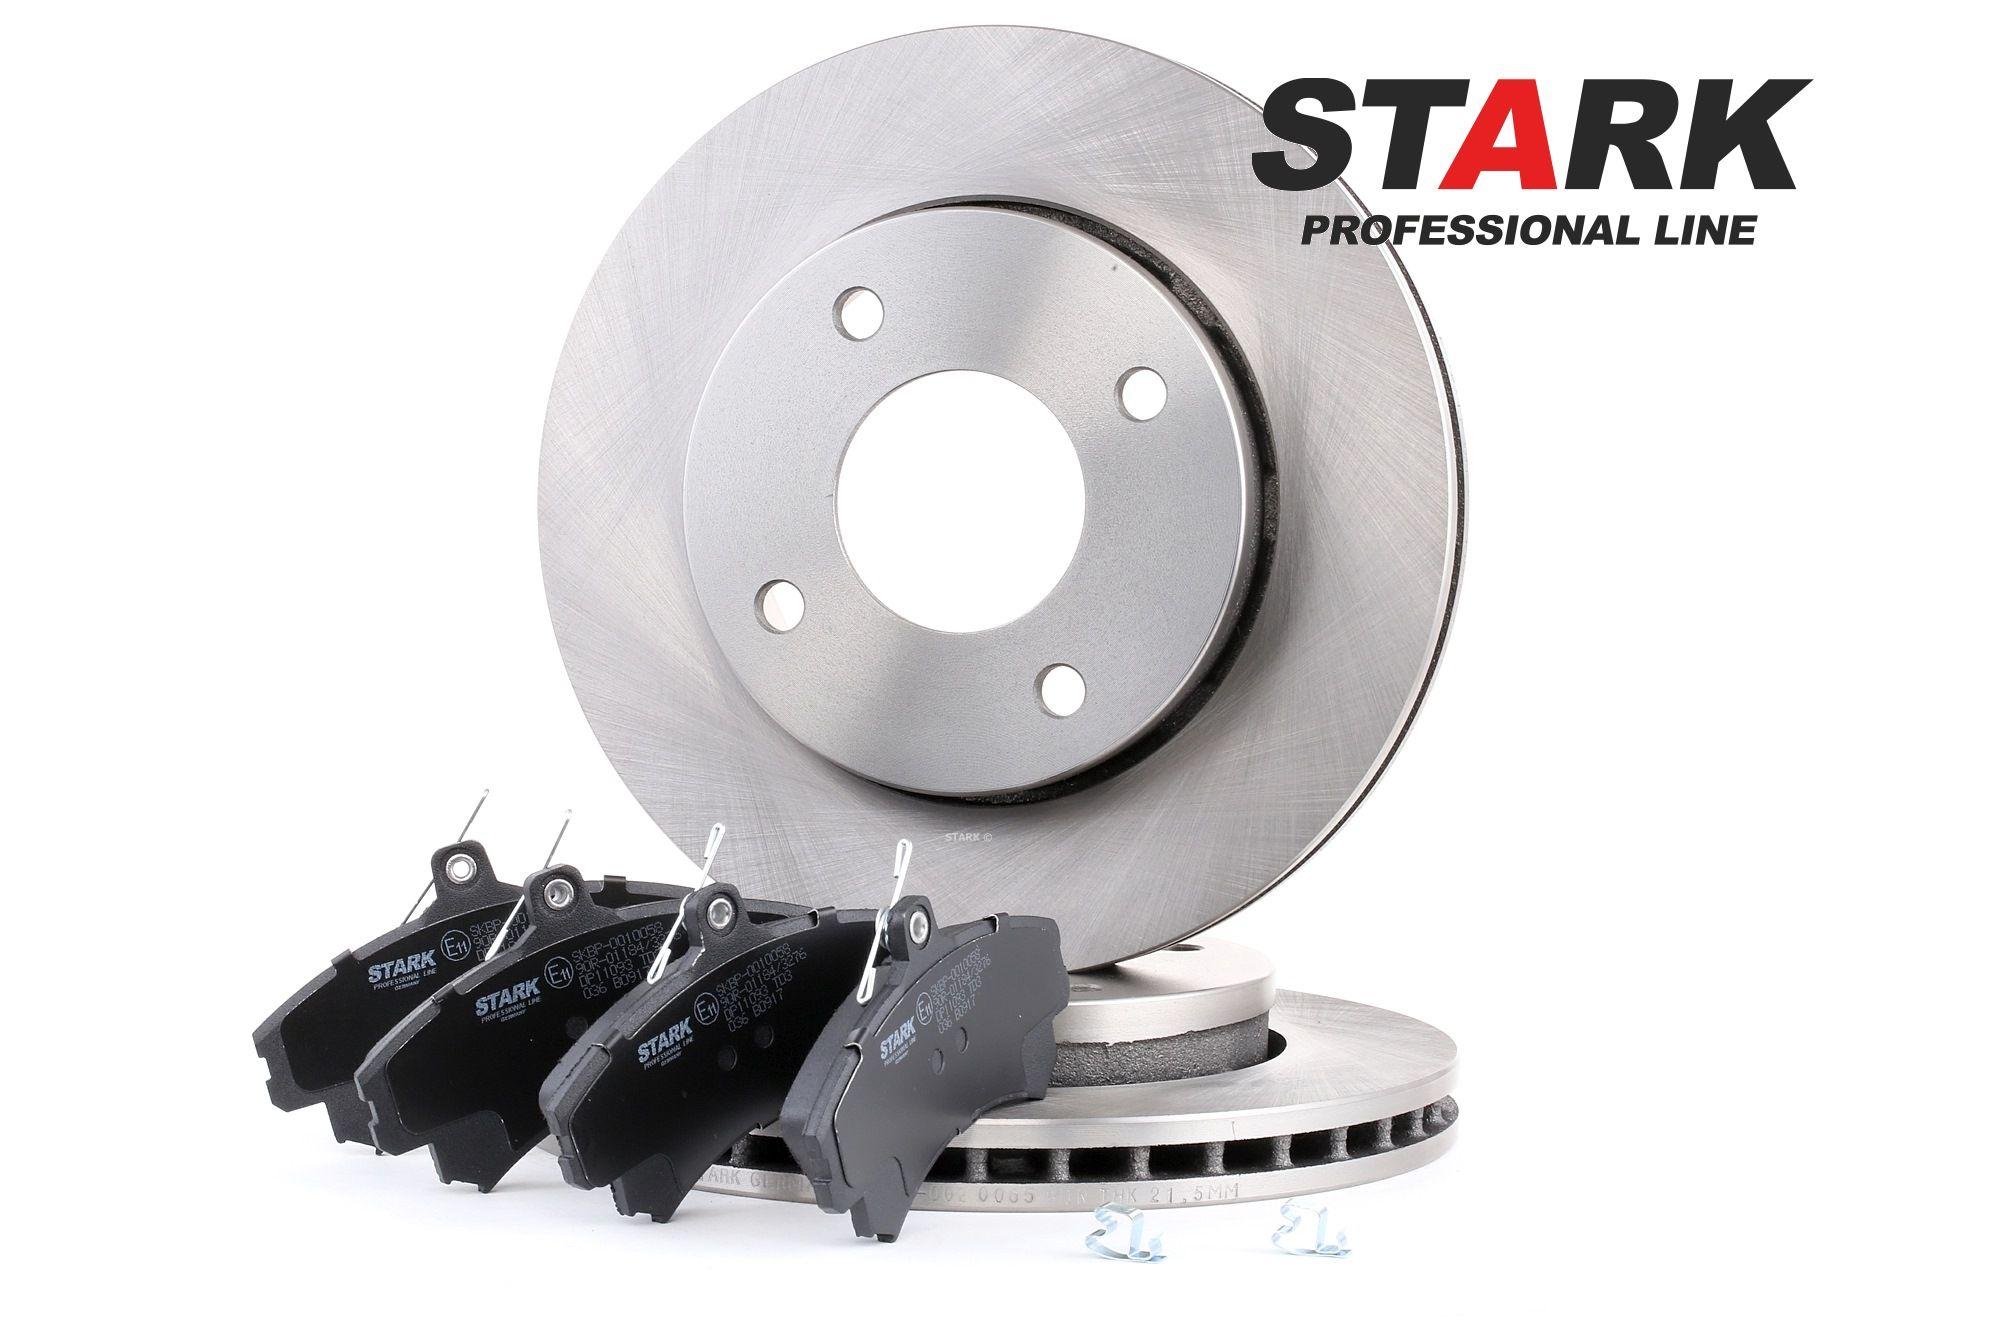 STARK: Original Bremsensatz SKBK-1090054 (Bremsscheibendicke: 24mm)